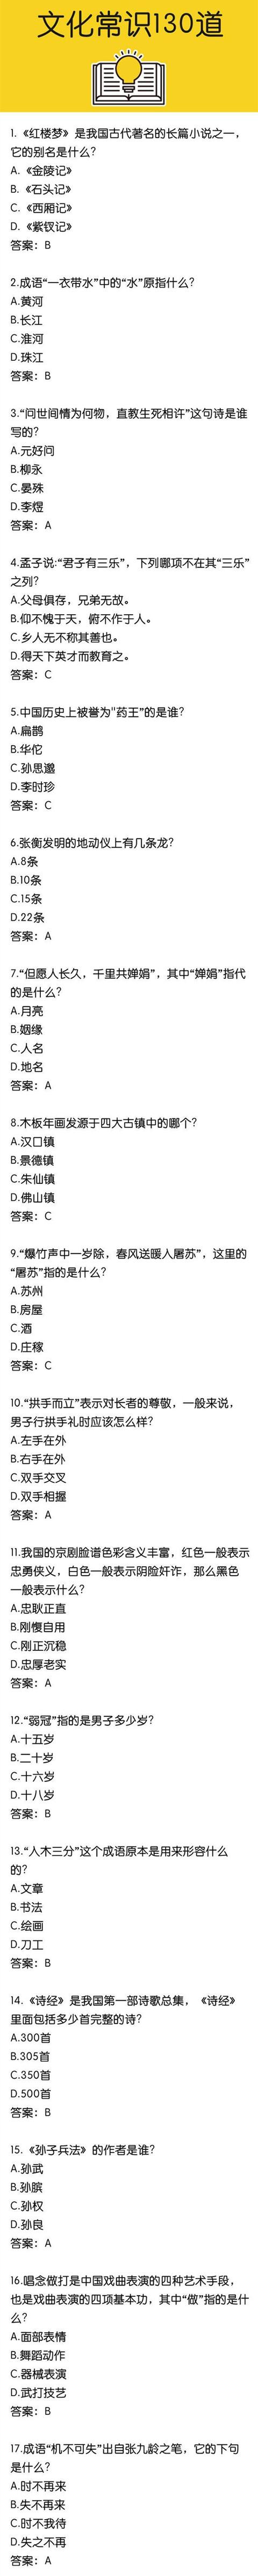 国家公务员考试冲刺复习文化常识130题(1)